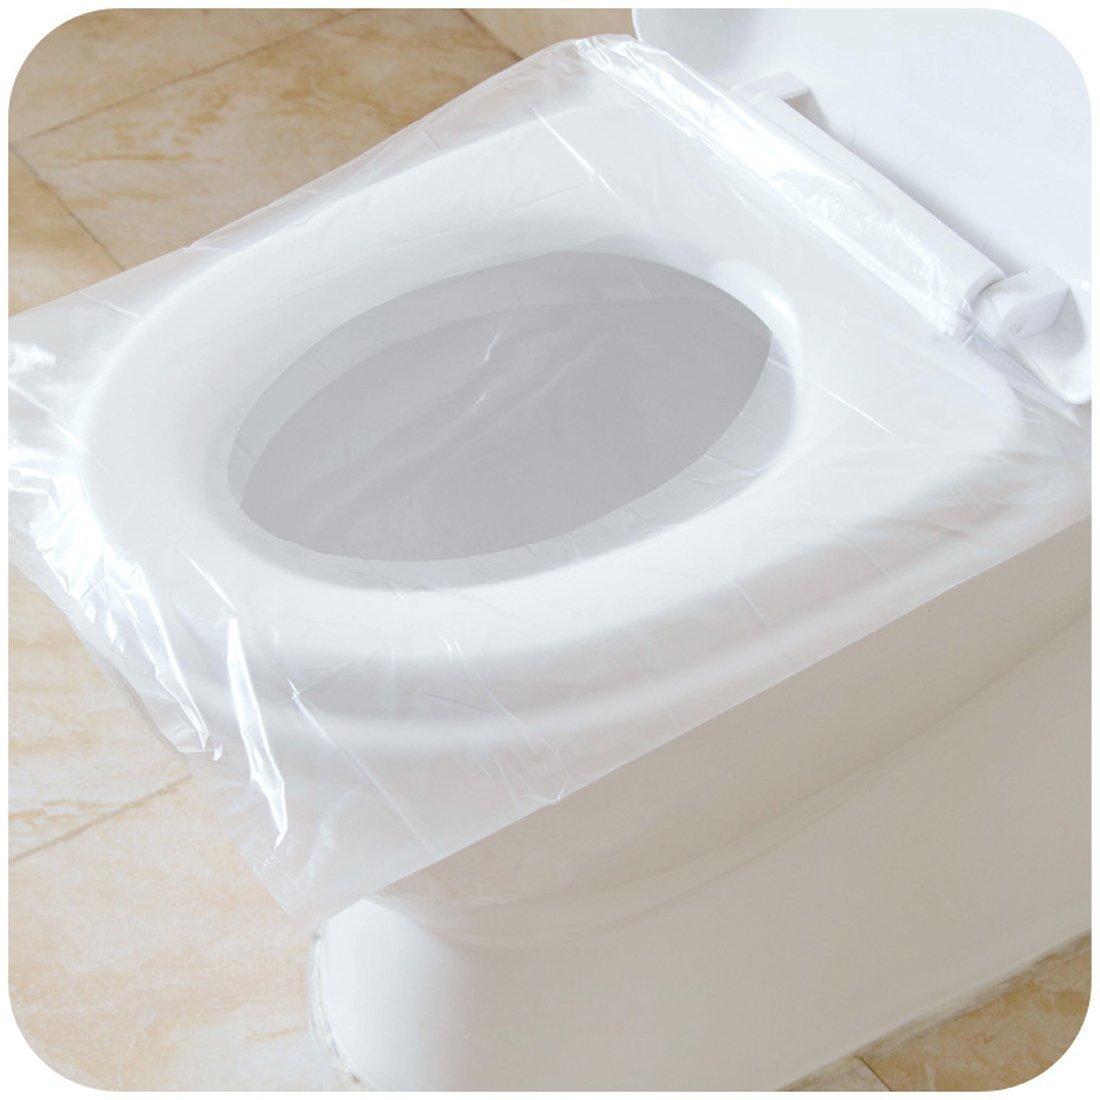 BlueSnail Lot de 50 couvre-siè ges pour abattant WC, antibacté rien, é tanche, jetable, portable de voyage, housse WC pour femme enceinte, emballage individuel